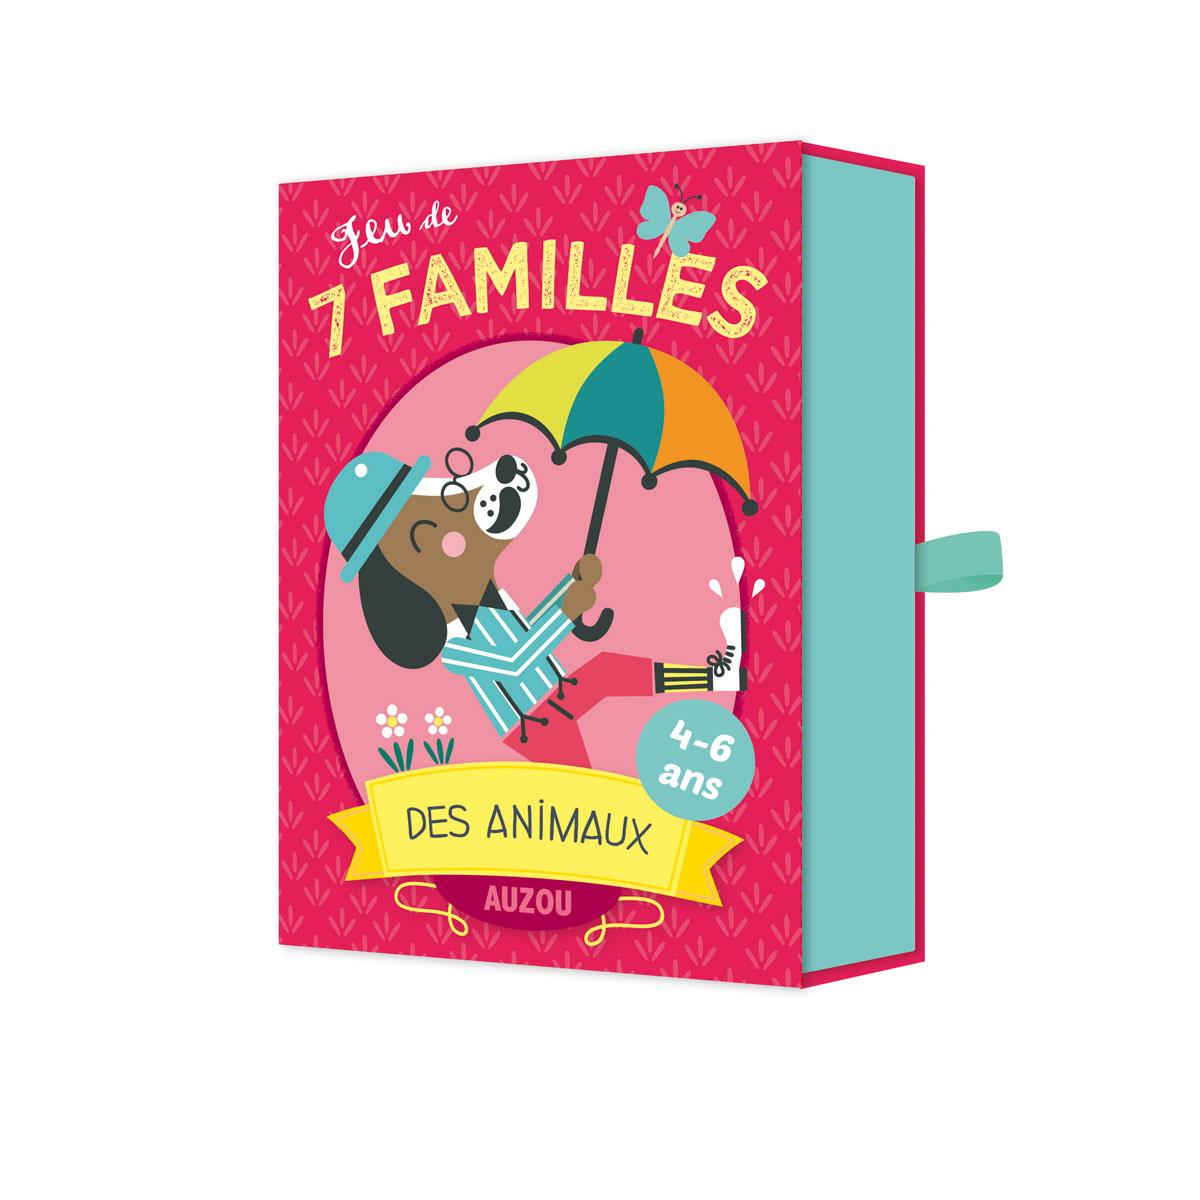 Jeu De 7 Familles Des Animaux destiné Jeux En Ligne Garcon 3 Ans